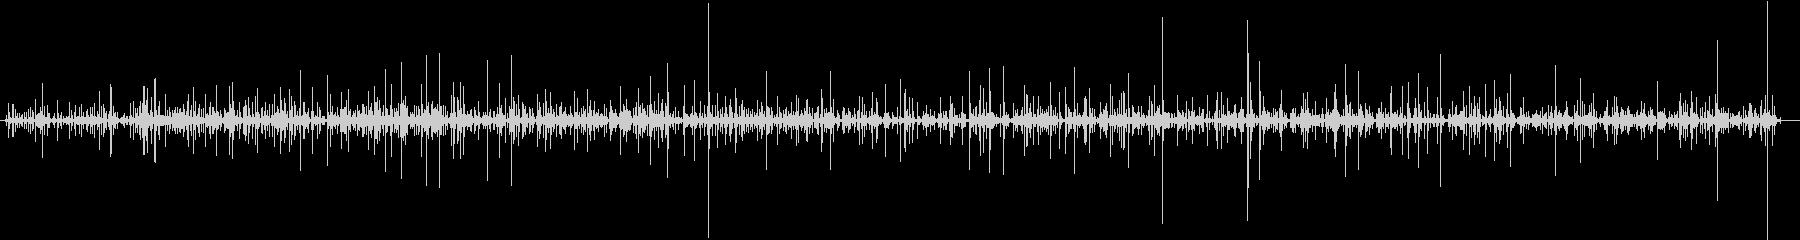 タイピング音(キーボード×5人)1分空間の未再生の波形